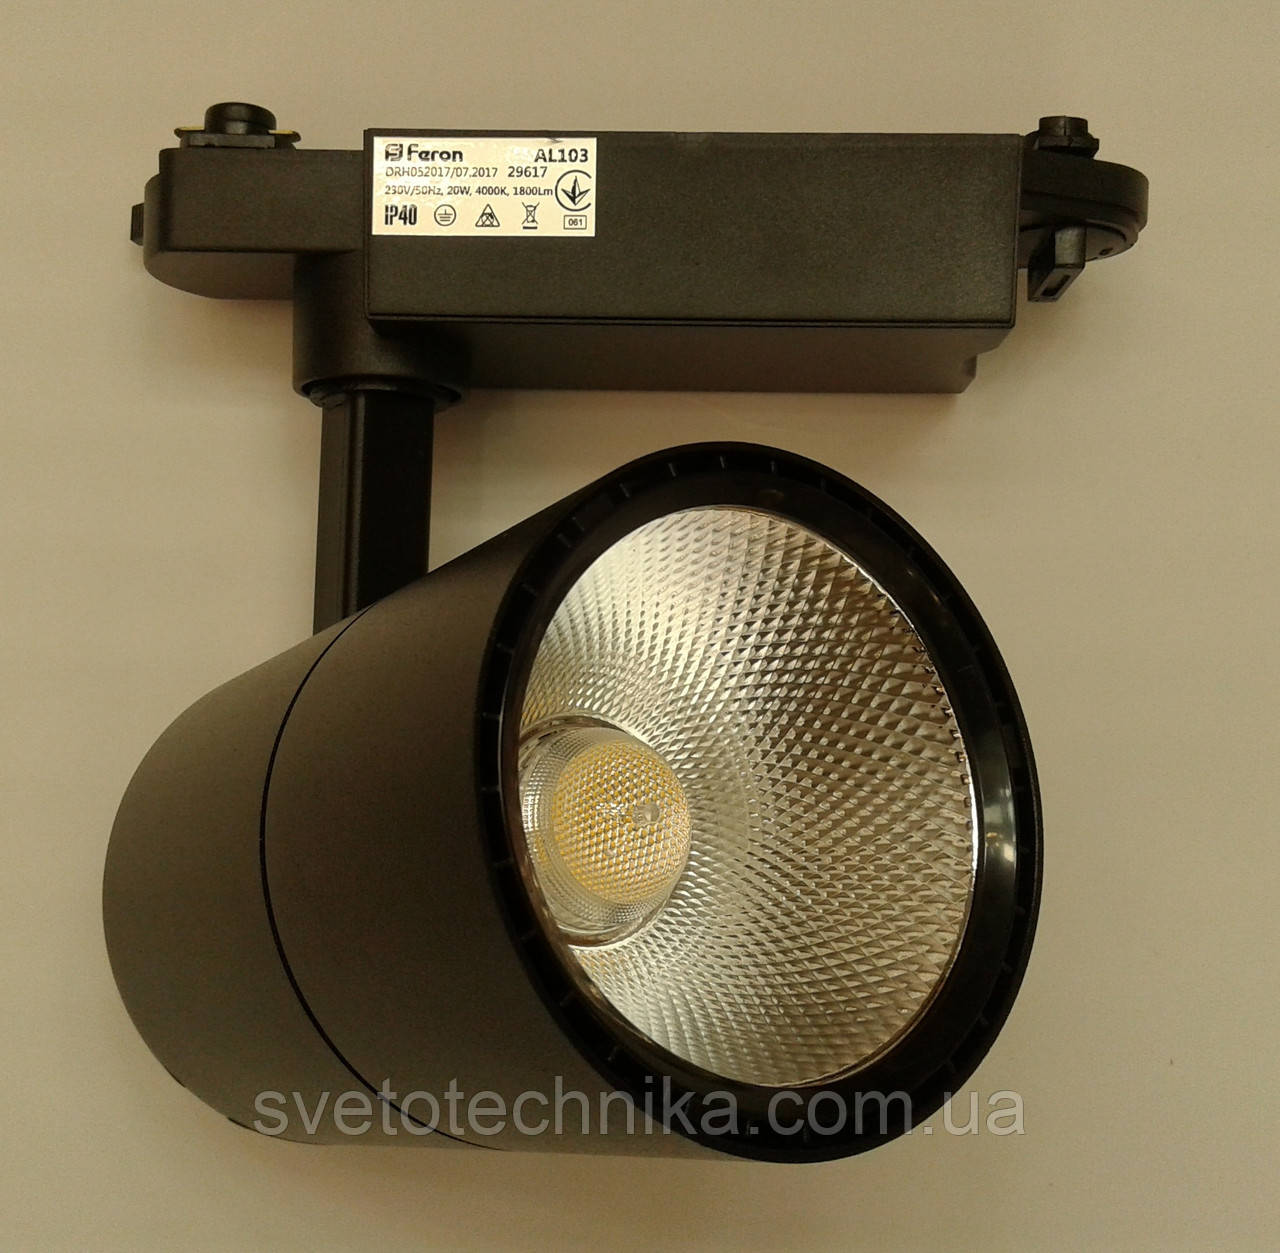 Светодиодный трековый светильник AL103 СОВ 30W( черногоцвета)